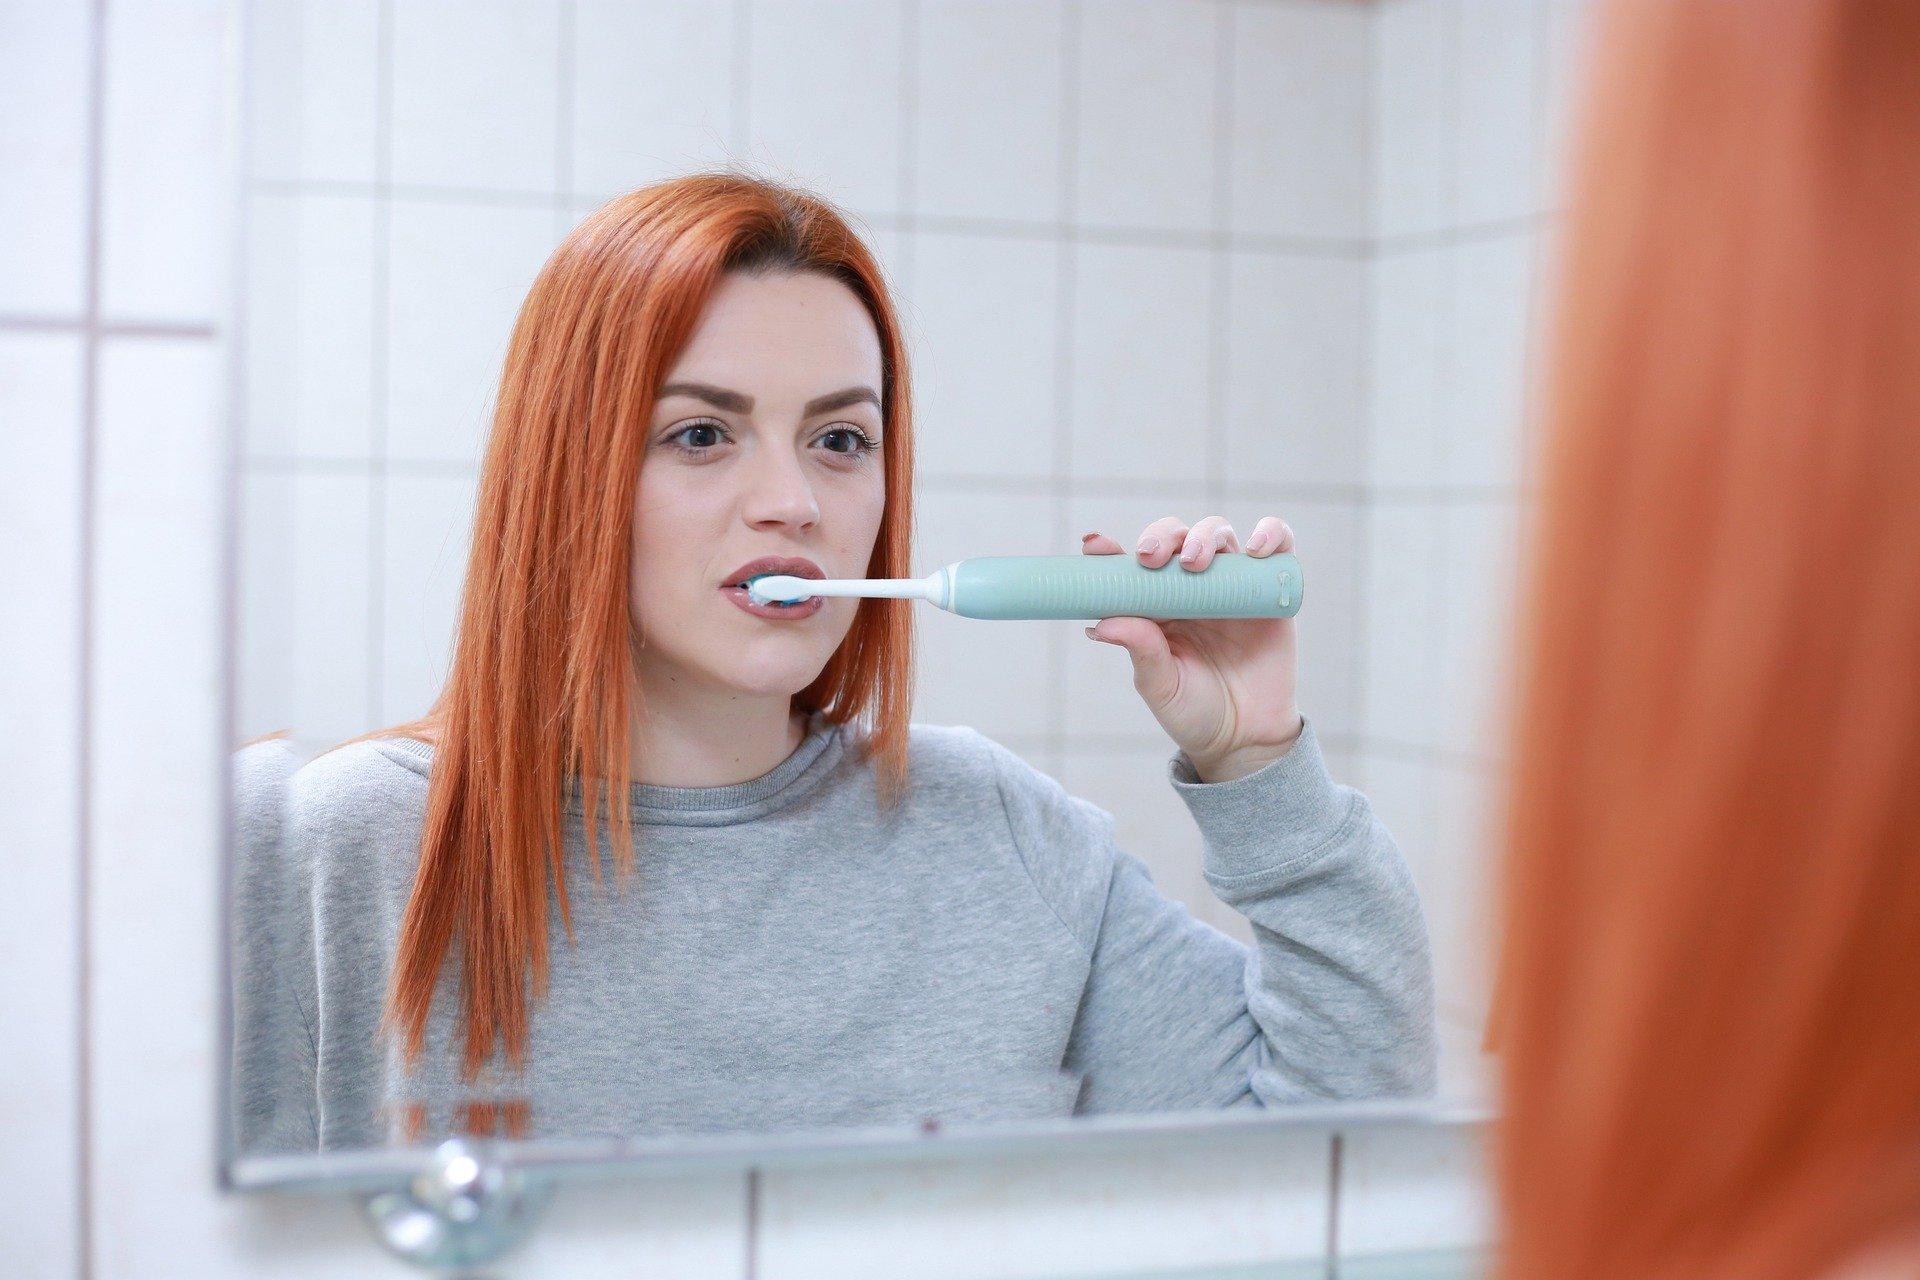 早上起來刷牙,想想有何減塑生活妙招?